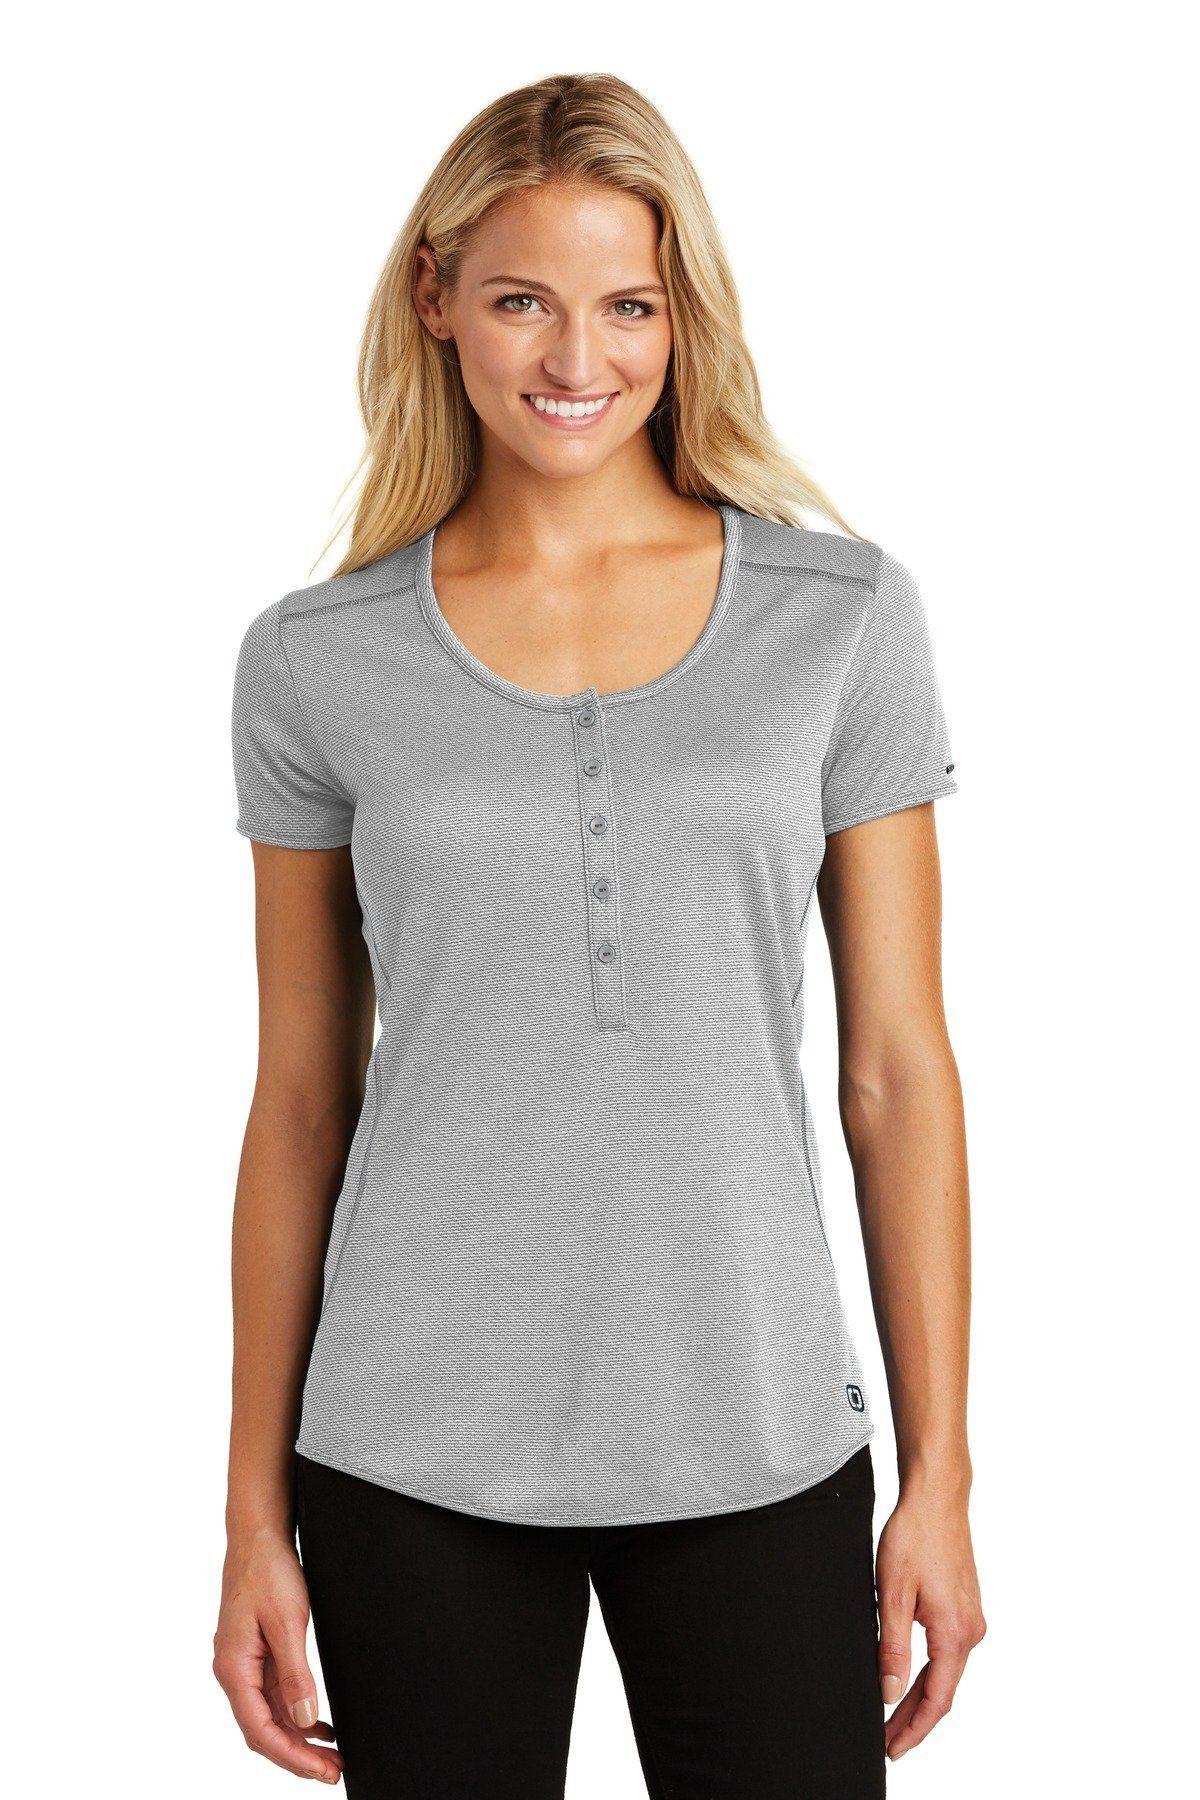 661c13e54bf6 Clementine Apparel - Women's Sheer Jersey Short-Sleeve T-Shirt - Walmart.com